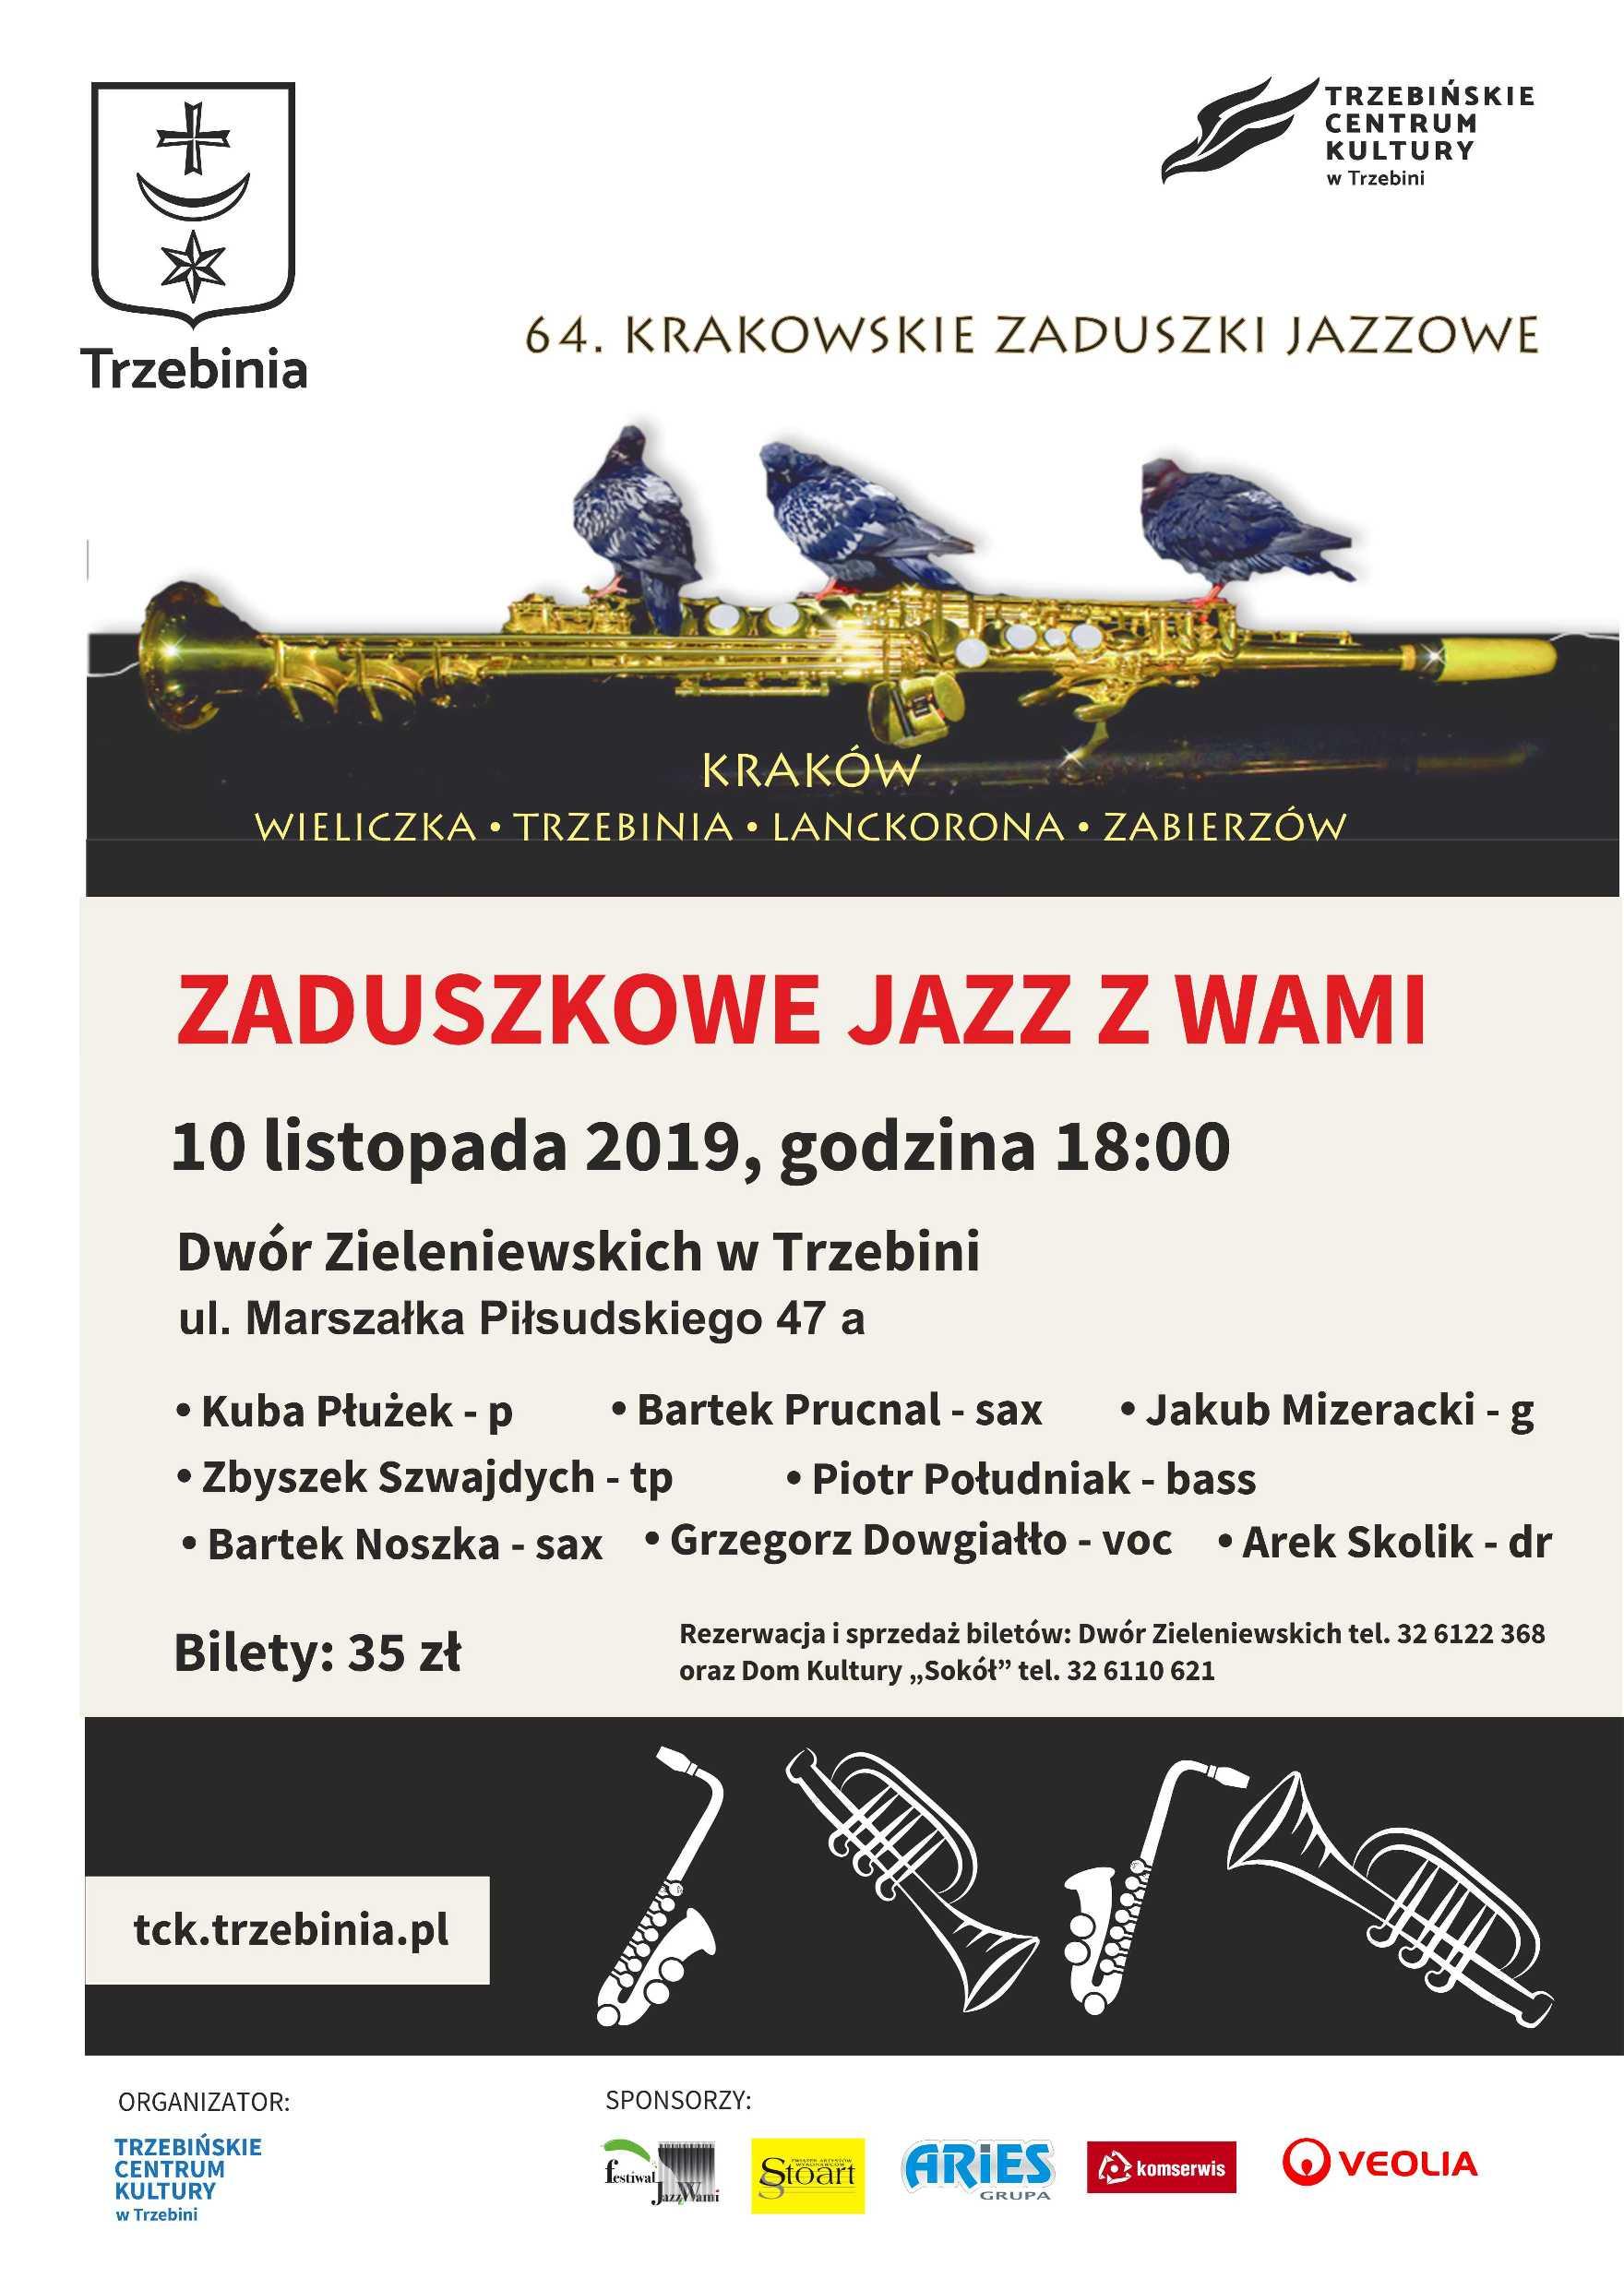 Zaduszkowe Jazz z Wami